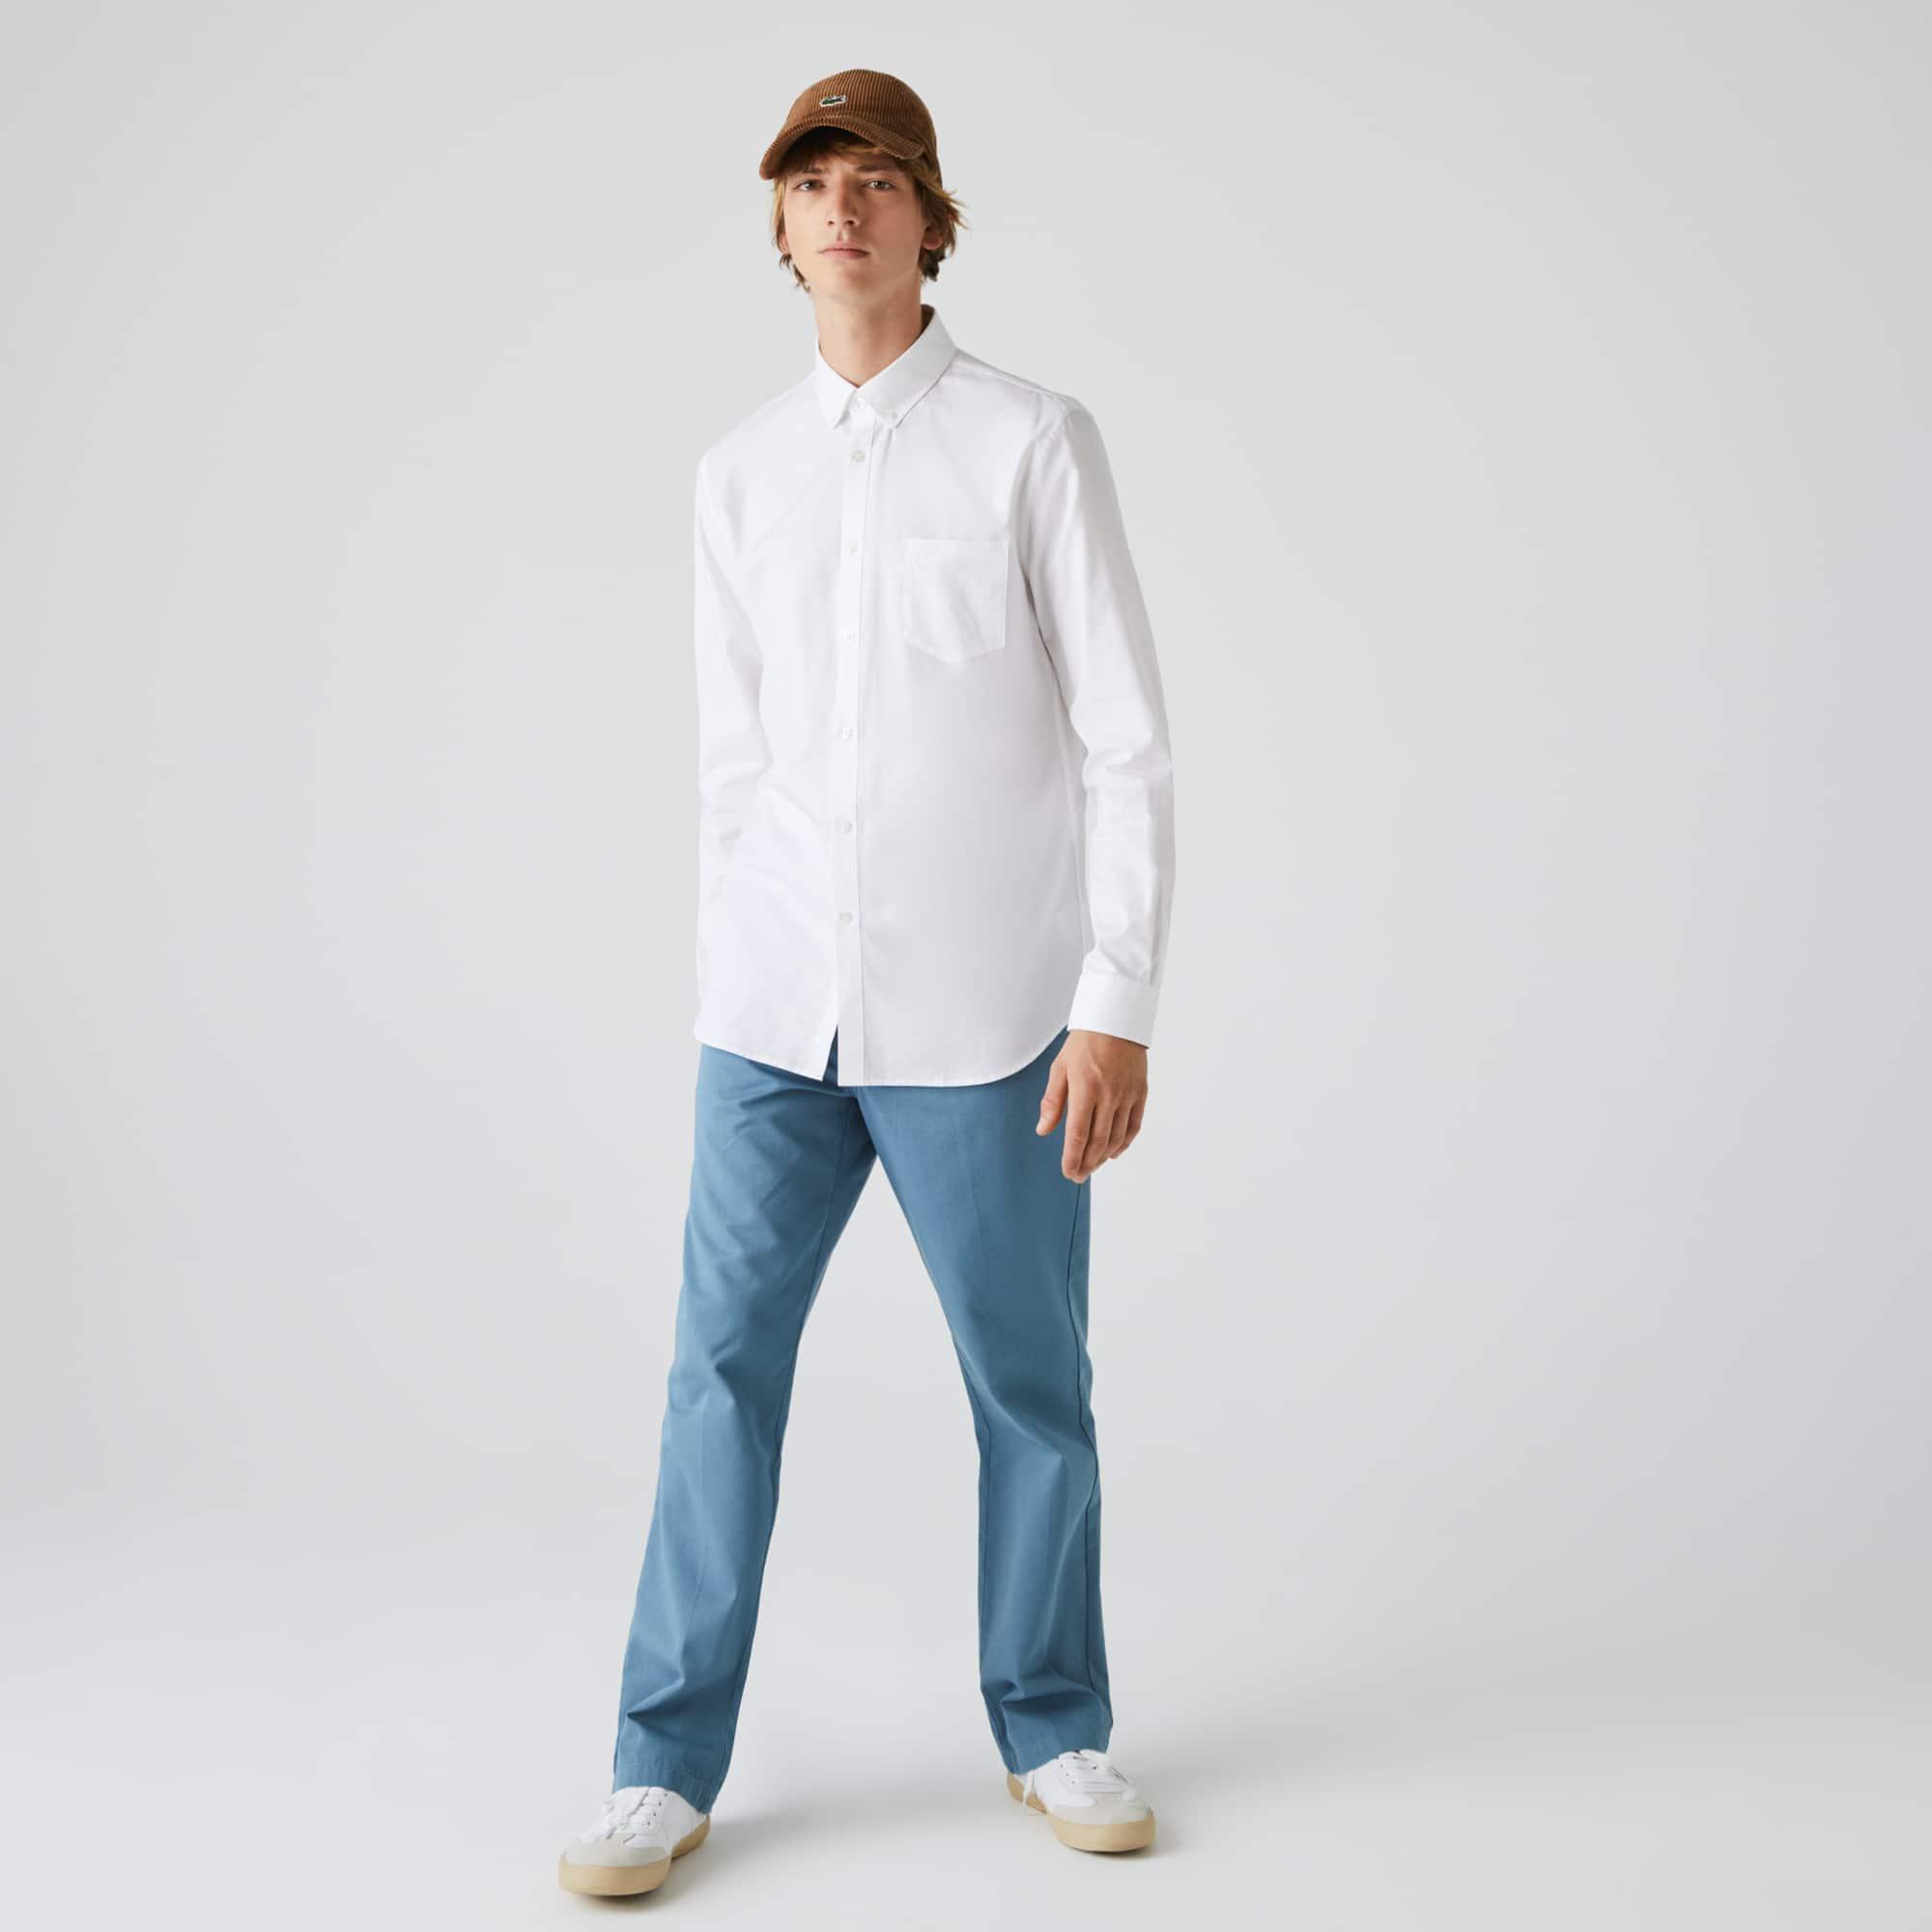 8c5e4203 Men's Regular Fit Cotton Mini Piqué Shirt